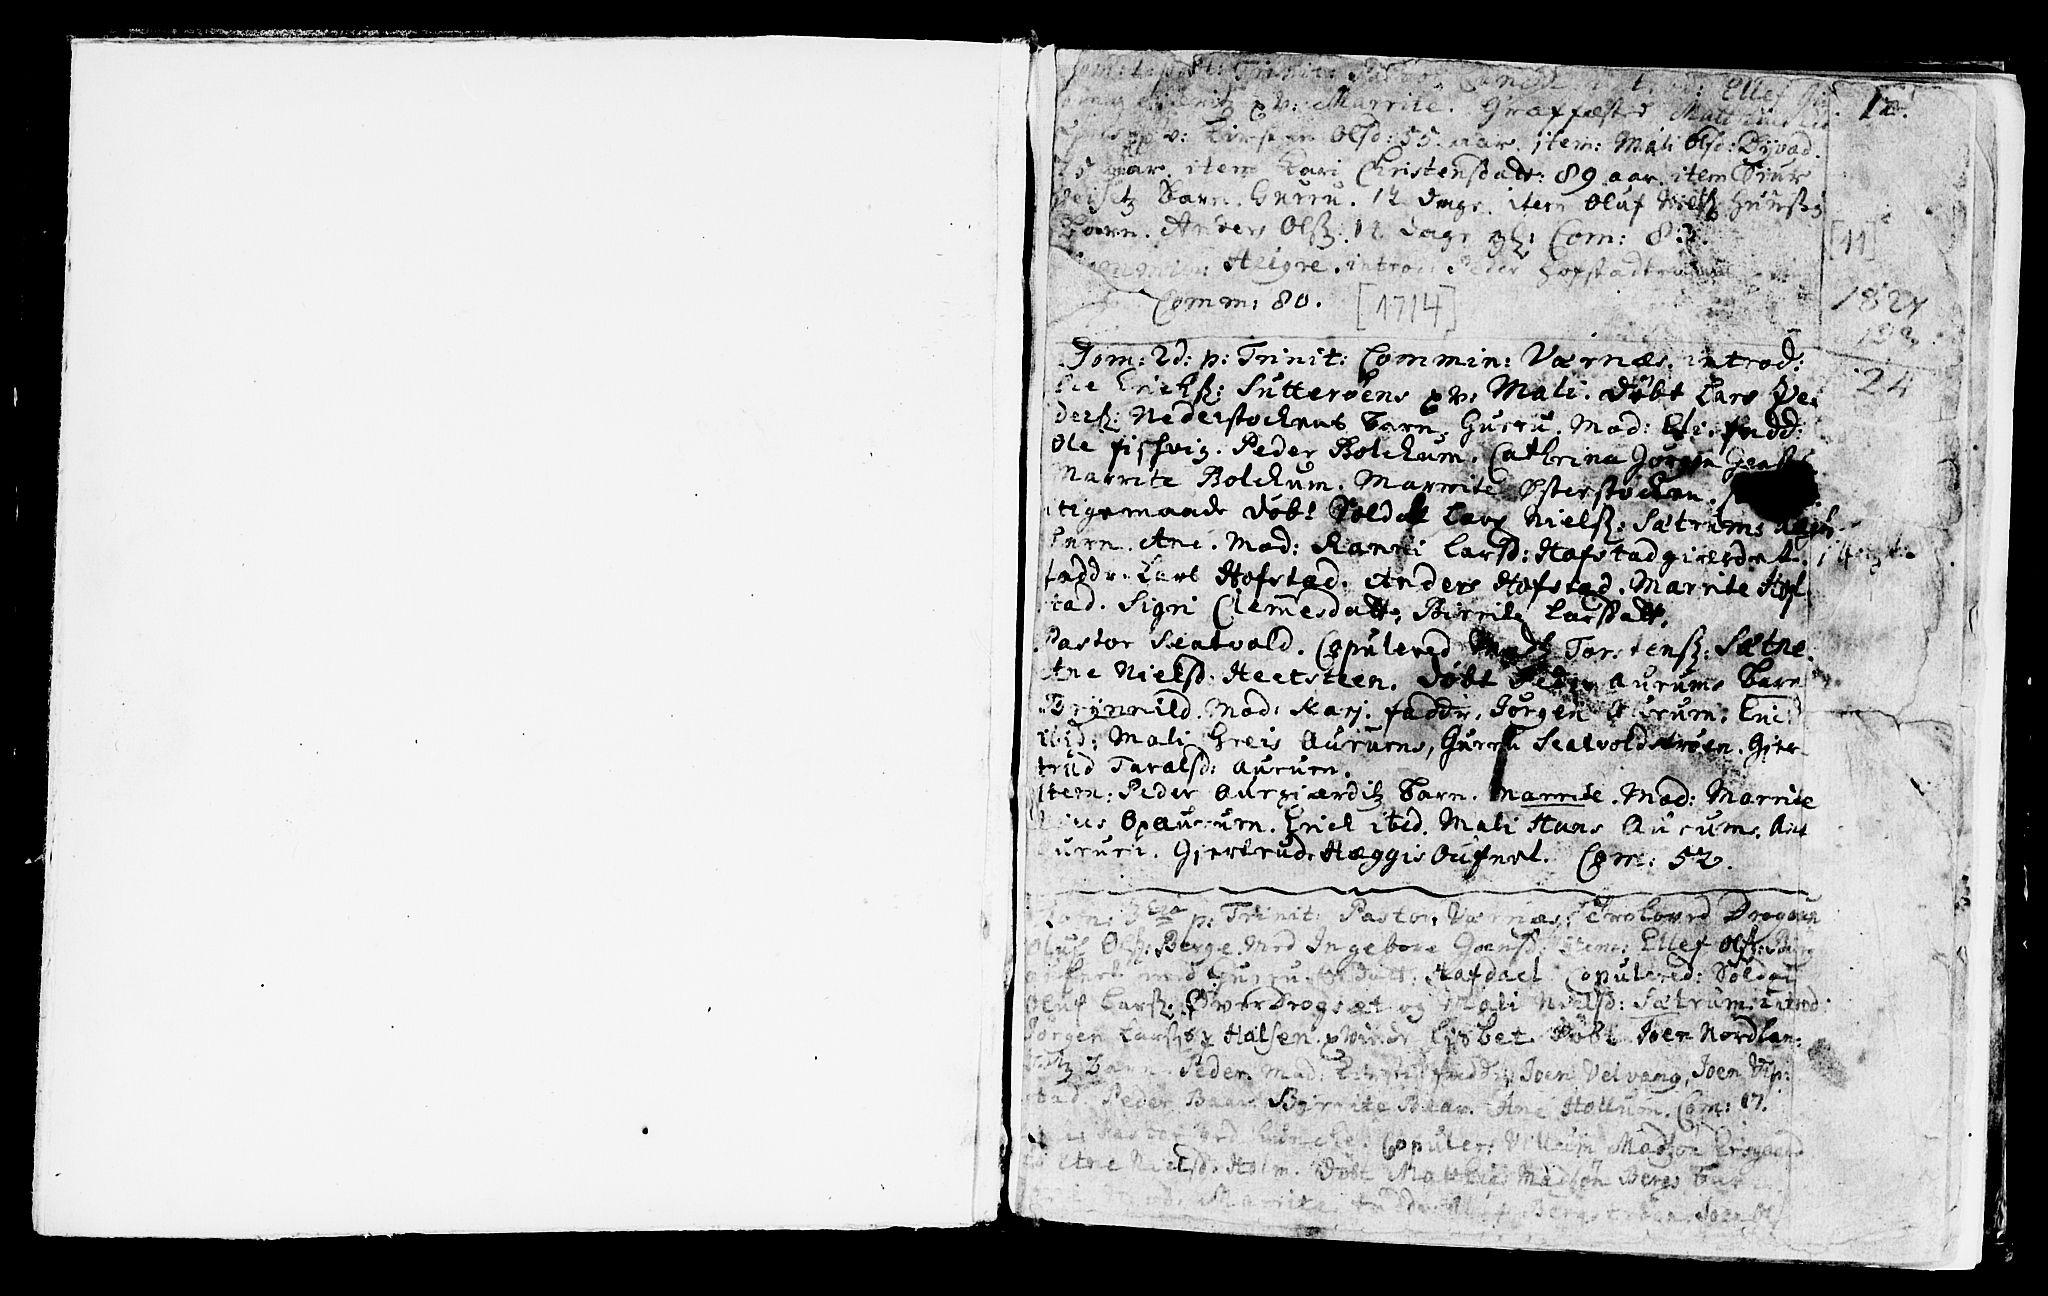 SAT, Ministerialprotokoller, klokkerbøker og fødselsregistre - Nord-Trøndelag, 709/L0054: Ministerialbok nr. 709A02, 1714-1738, s. 11